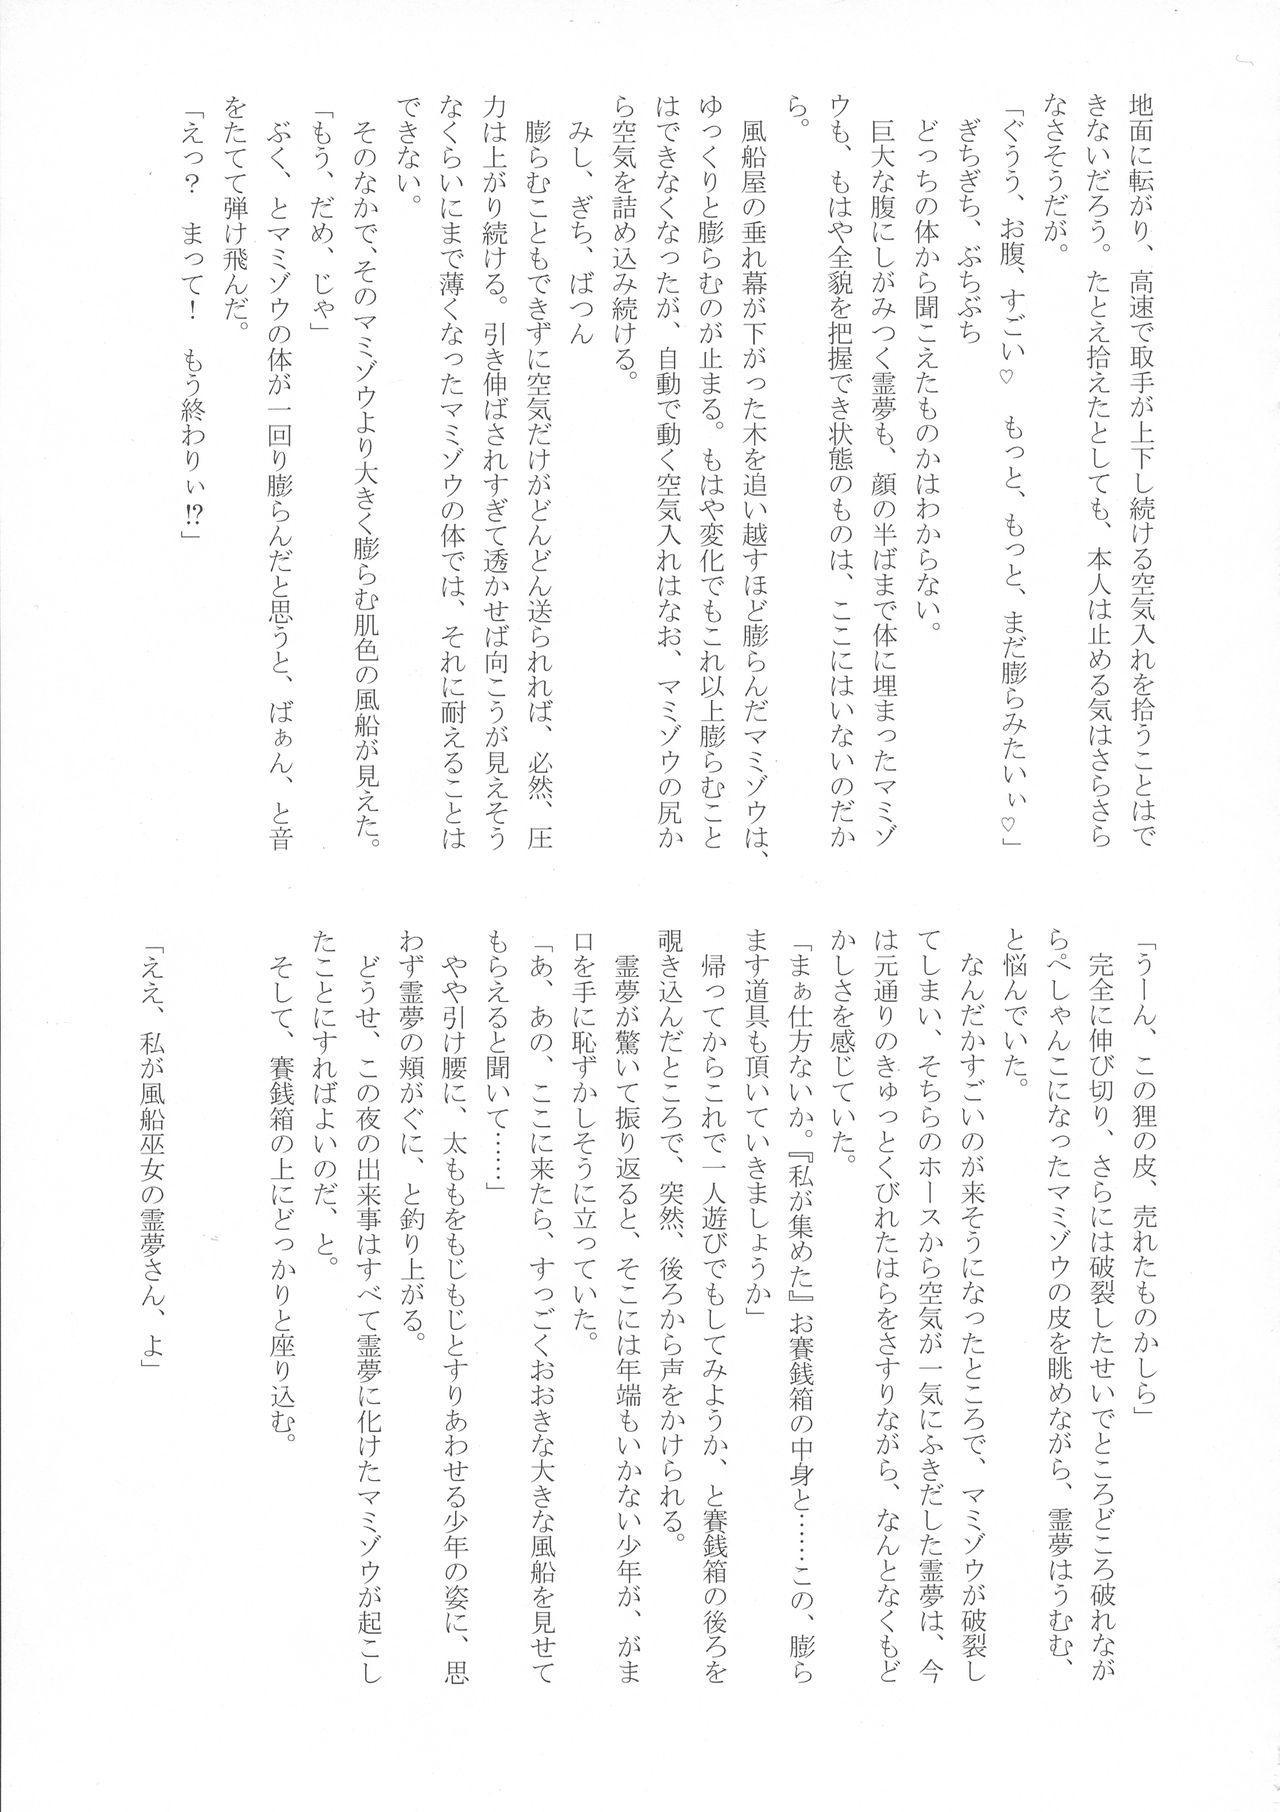 (Reitaisai 15) [HORIC WORKS (Various)] Touhou Bouchou-kei Sougou Goudou-shi `Boujo 2!!!!!!!!' (Touhou Project) 91